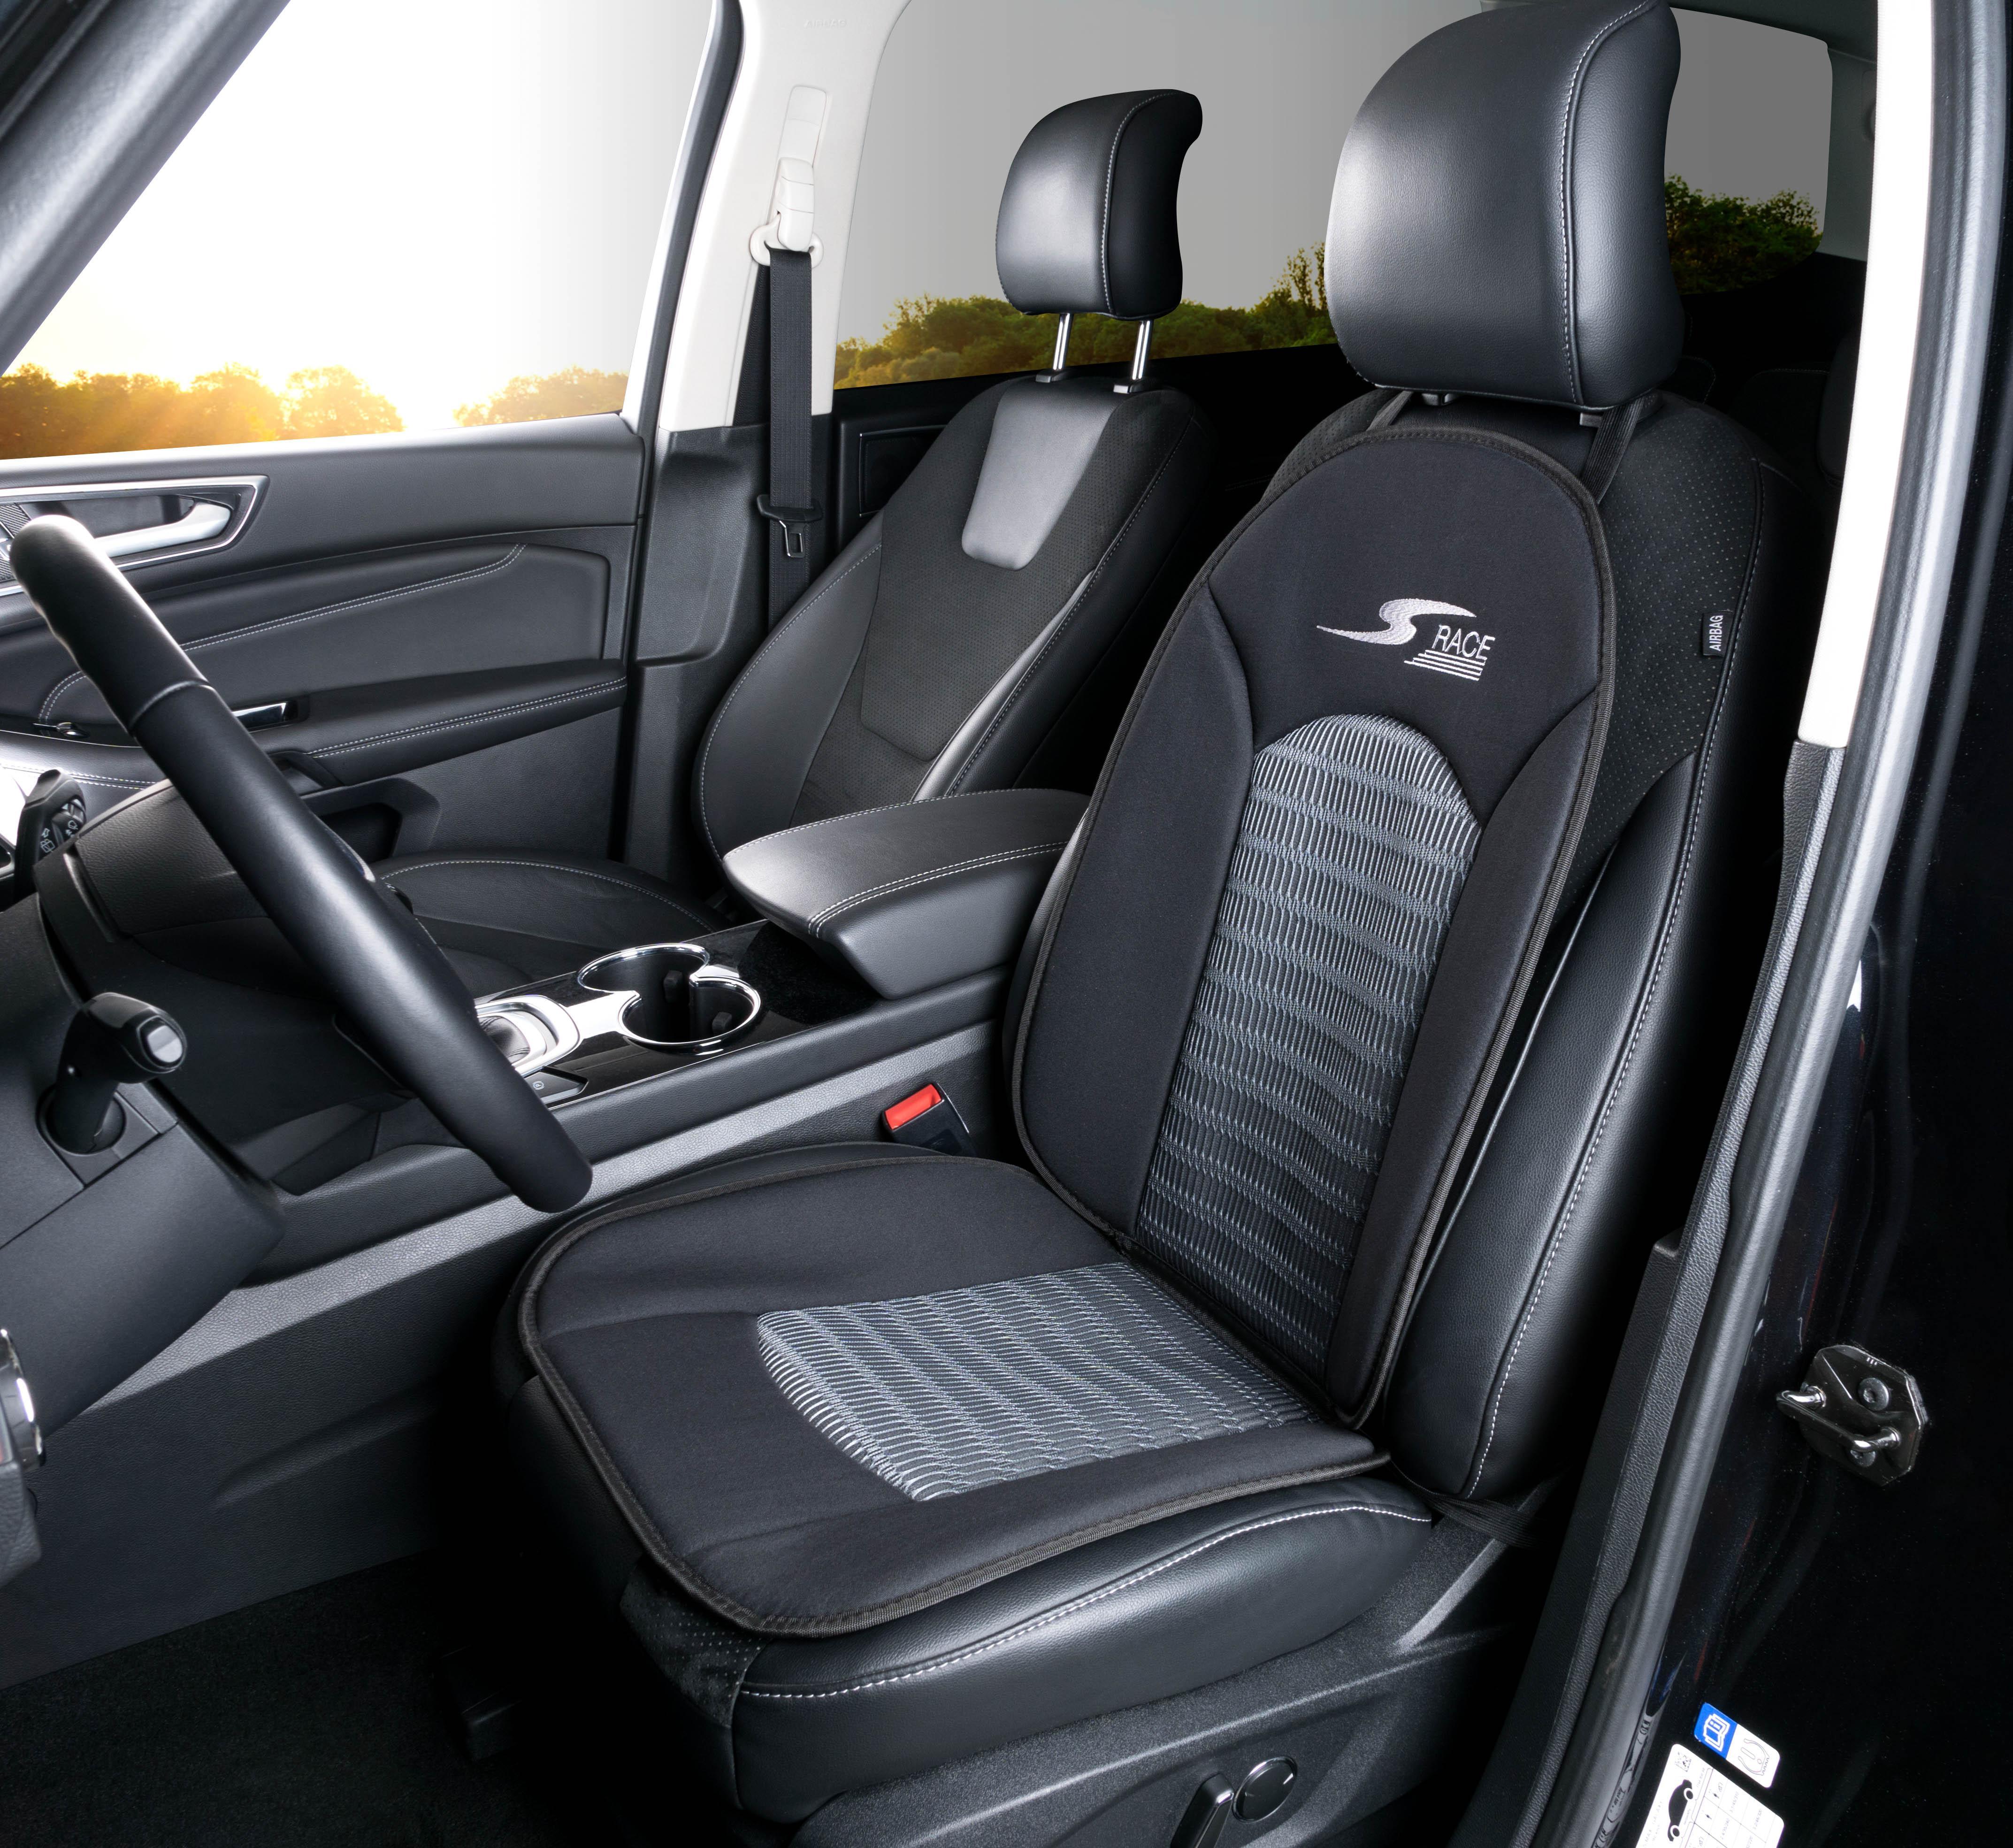 Auflagen für Autositze WALSER 11652 Bewertung